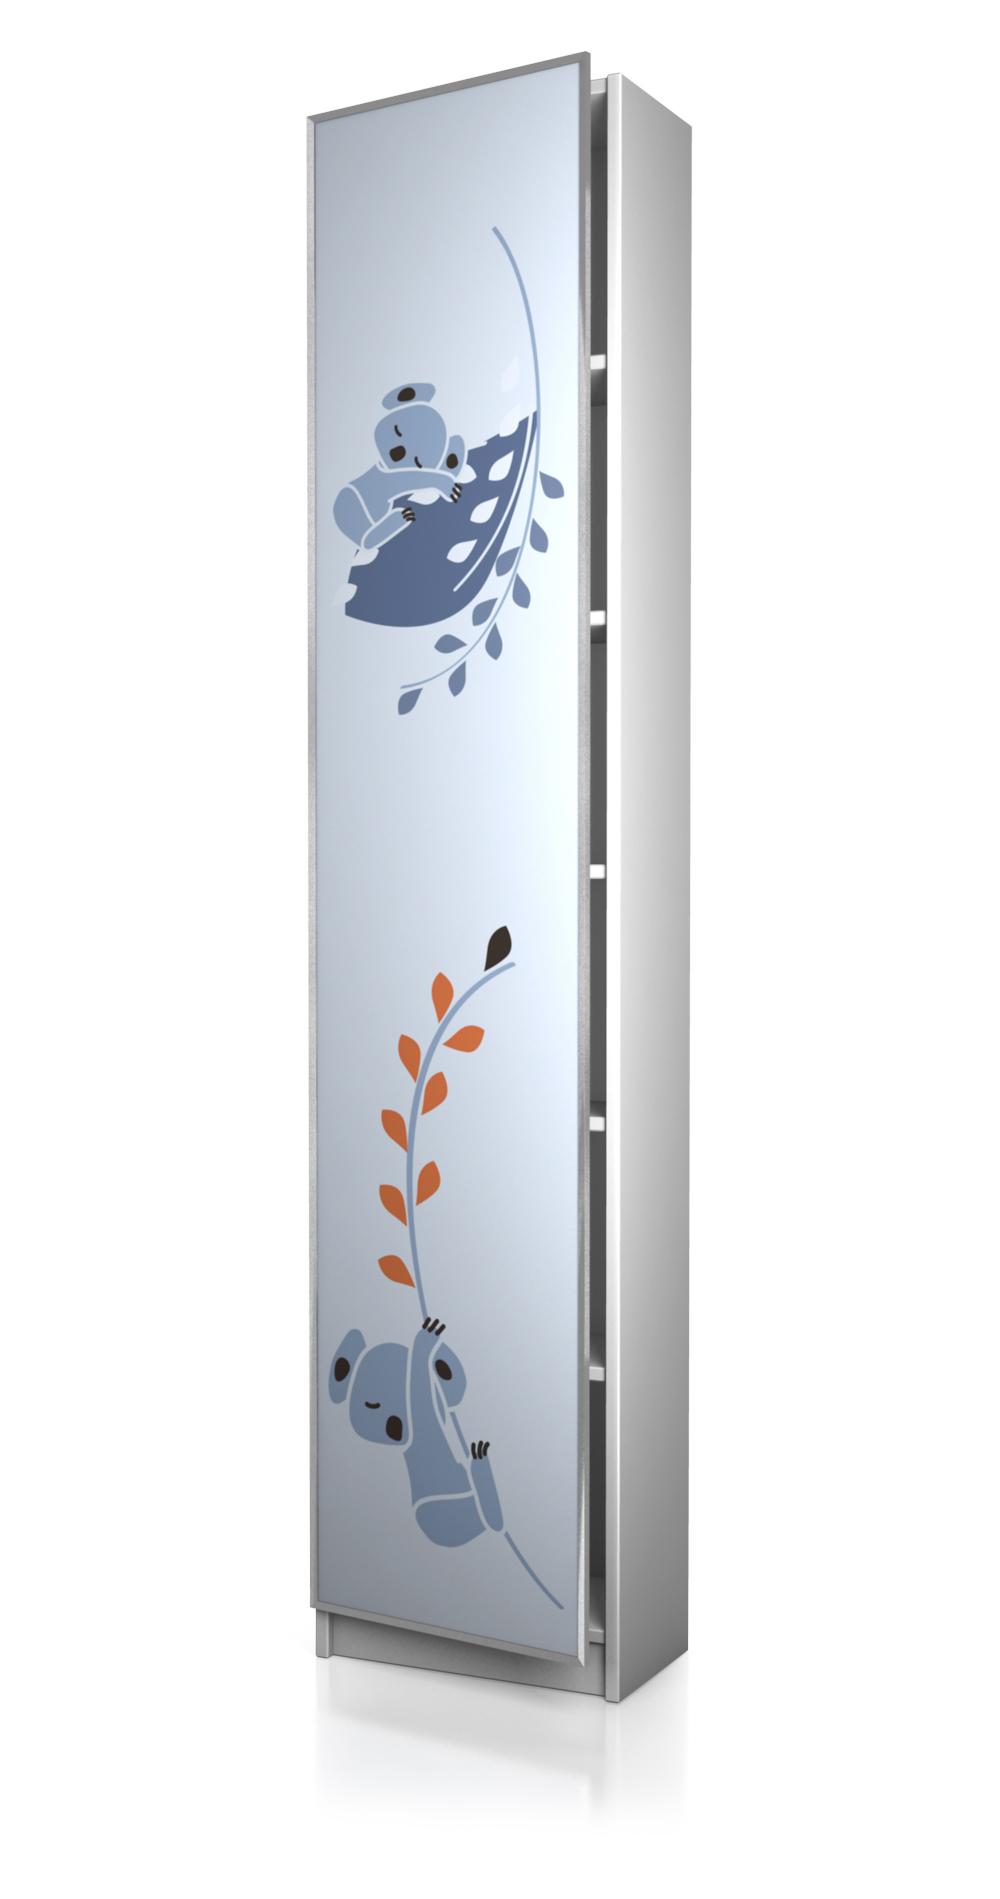 ikea möbelaufkleber - biily regal 40 x 202 cm tür k002